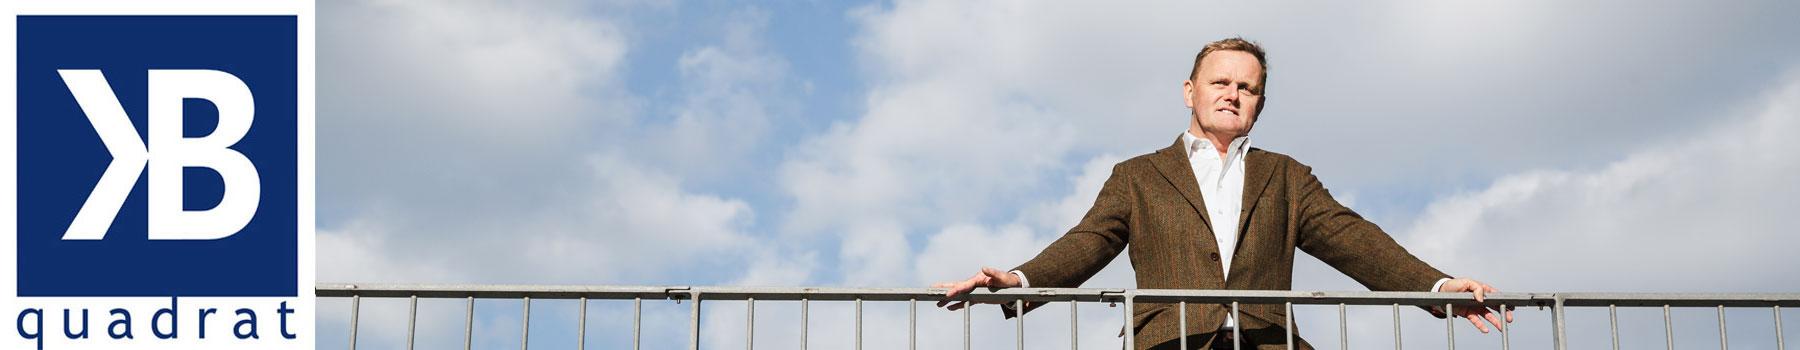 Konrad Buck, Kommunikations-Beratung. Ihr Partner für Pressearbeit, PR und Networking aus Düsseldorf